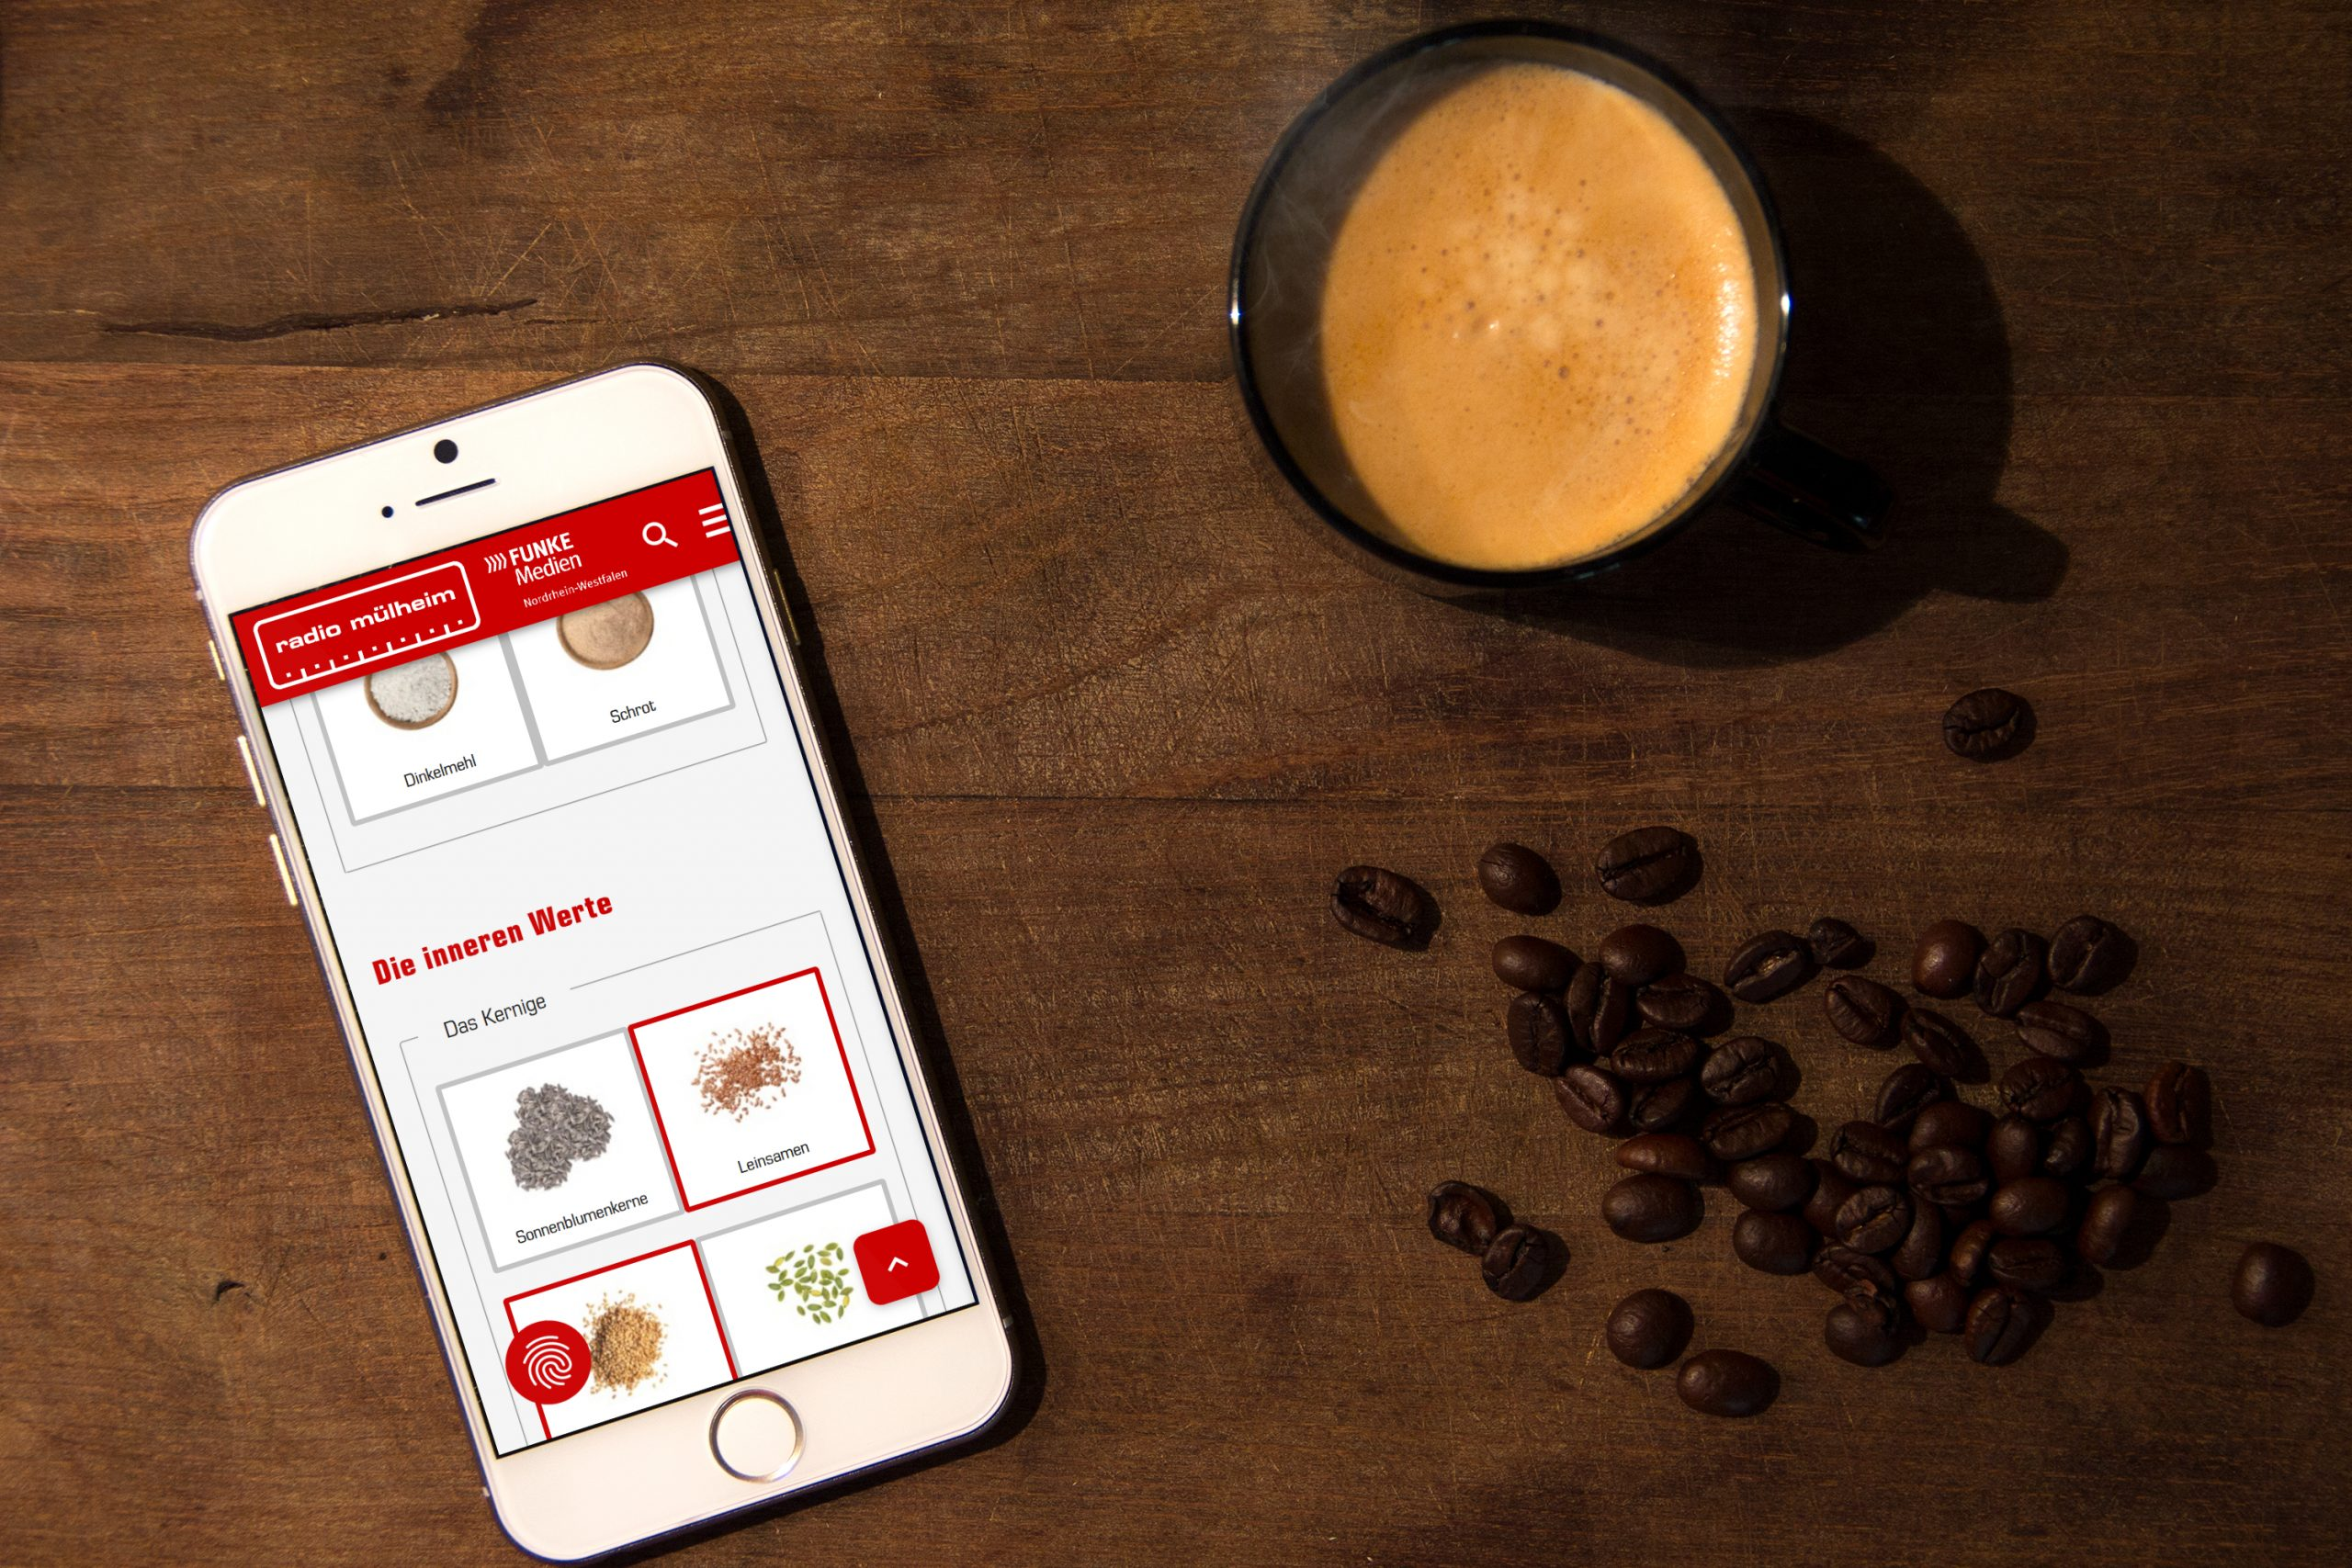 Westfunk setzt eine interaktiv programmierte Schnitten-Schmiede um, bei der die Zutaten für das Brot der Aktion ausgewählt werden können. Foto: Westfunk